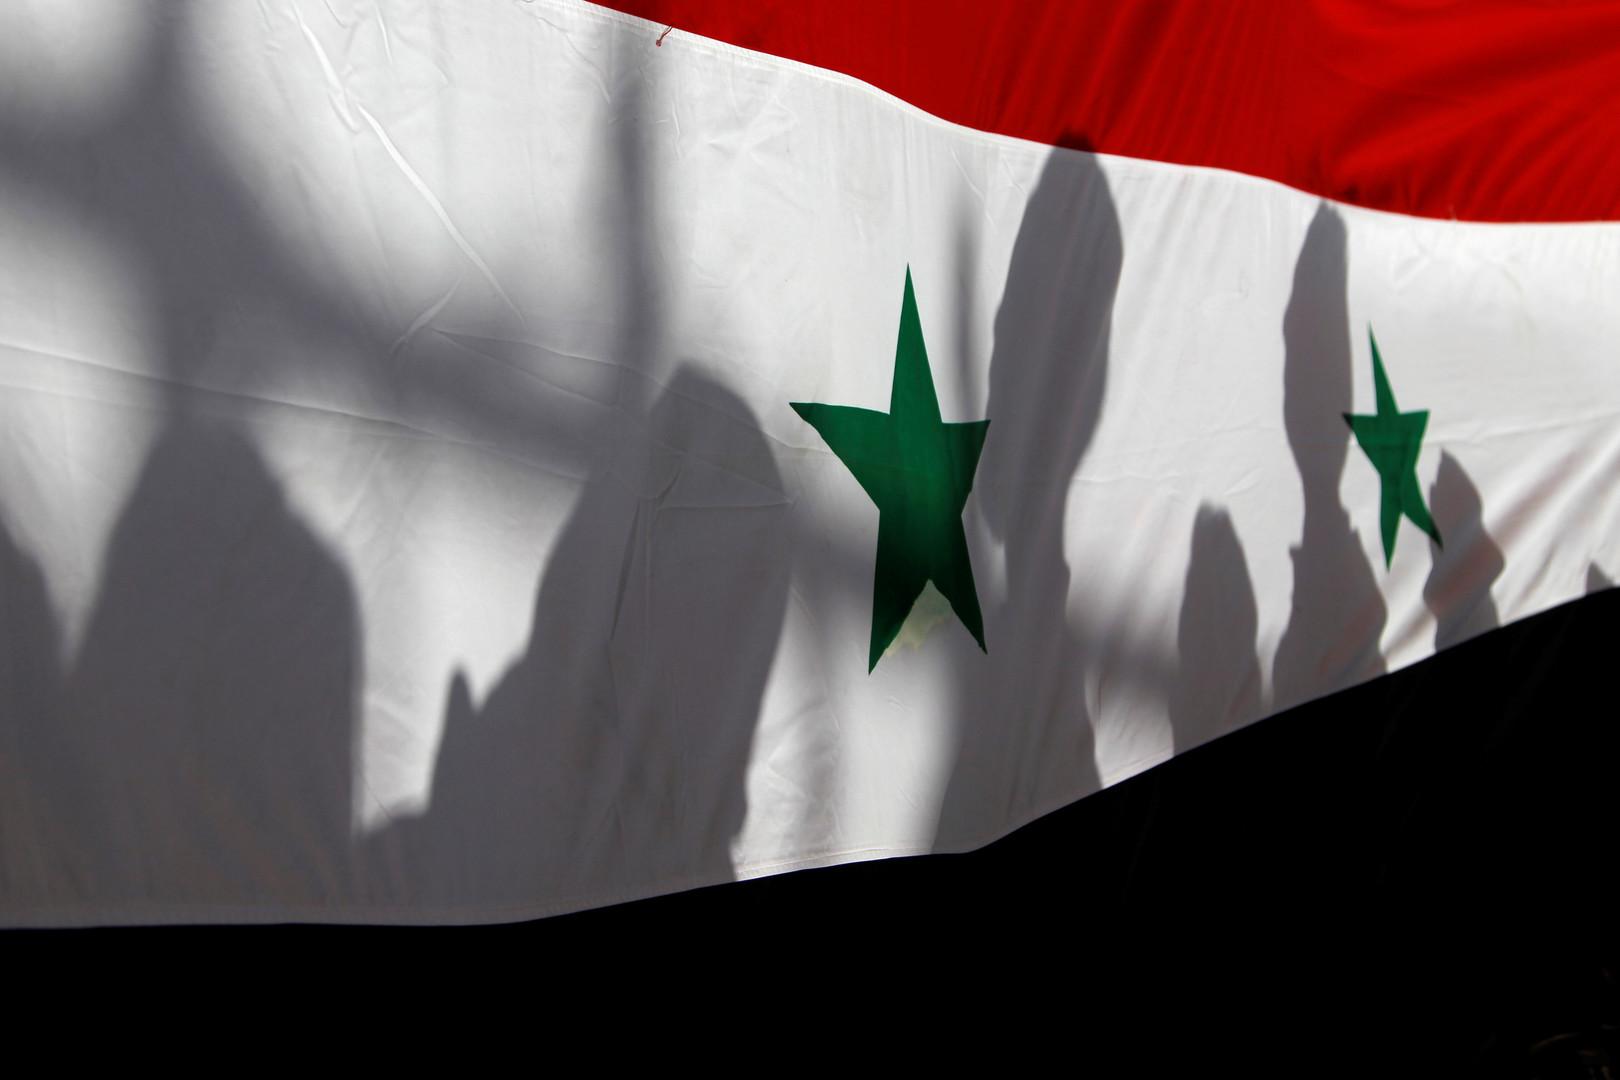 О чём Россия и США договорились по Сирии: обнародованы основные положения соглашения